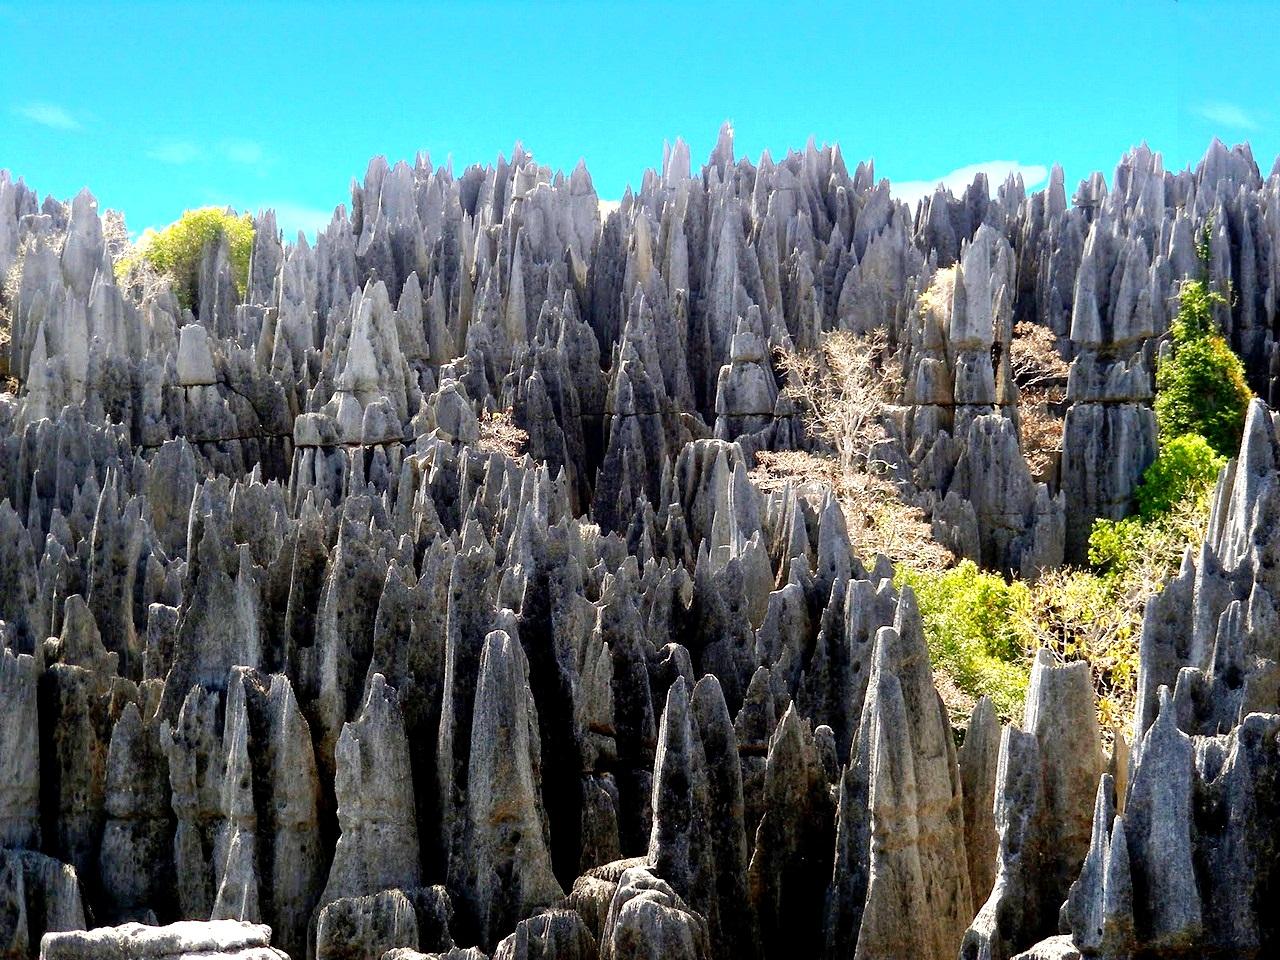 иглы каменного леса